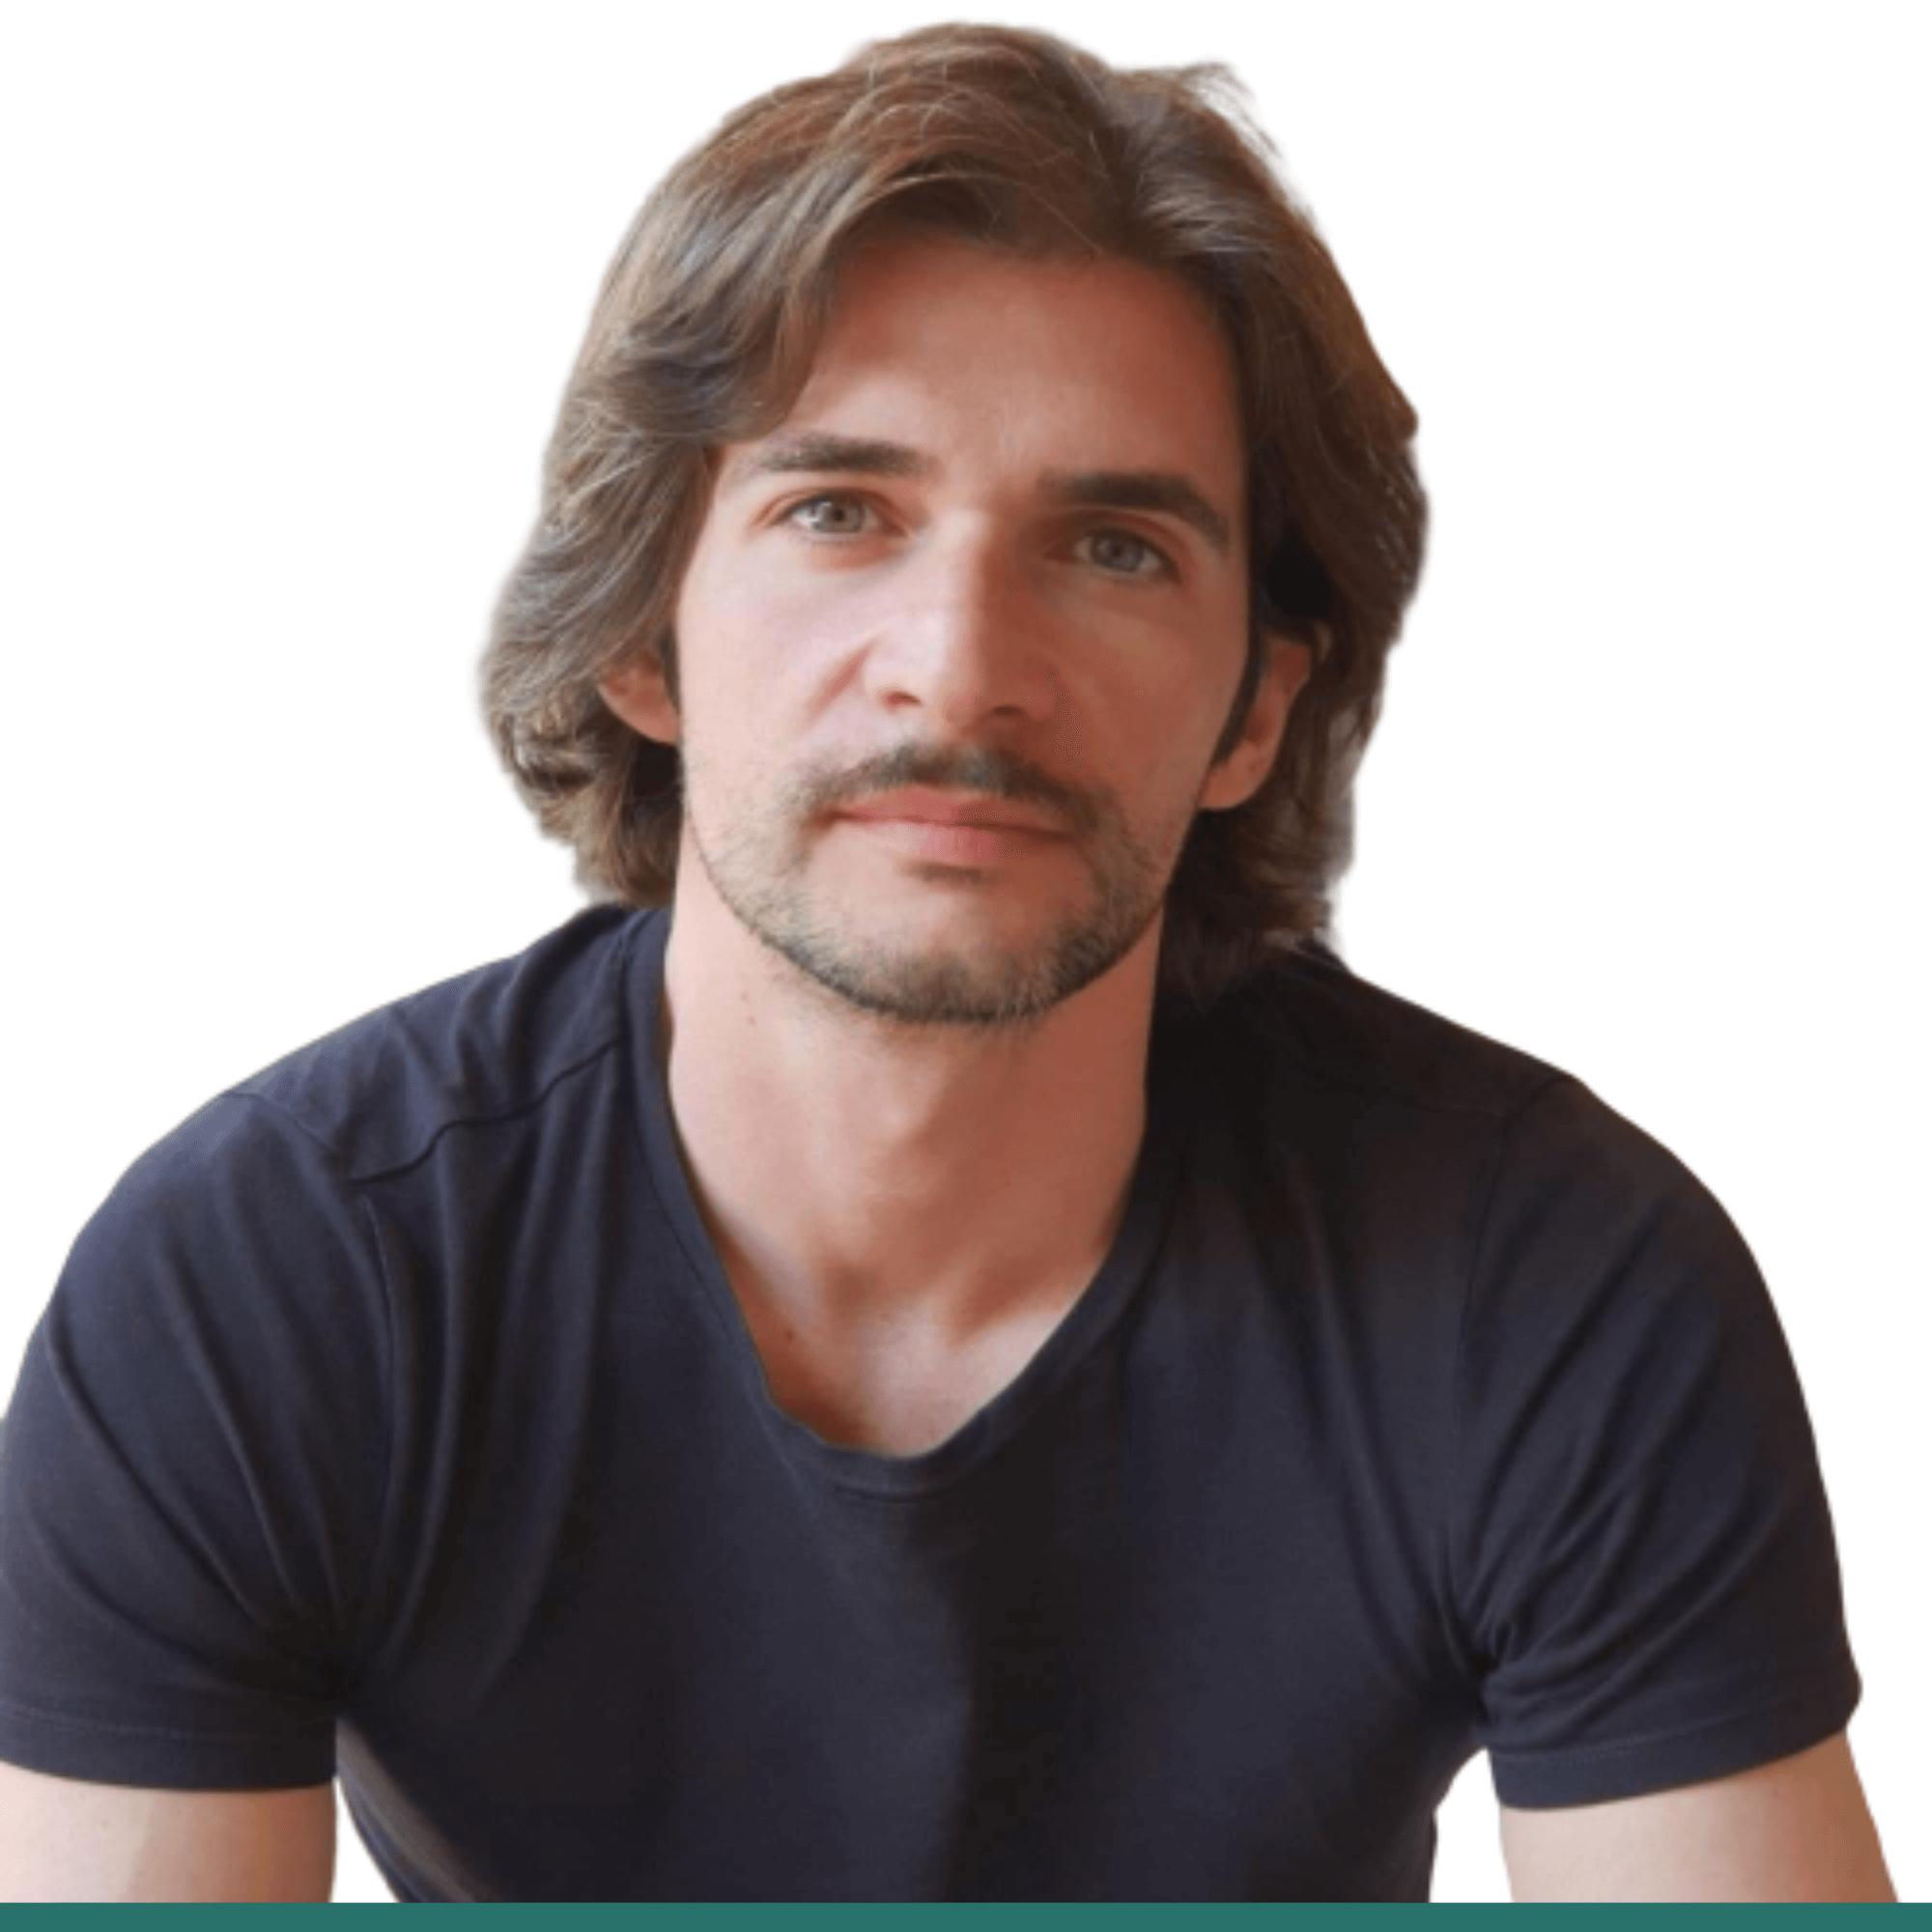 Daniele Di Carlo